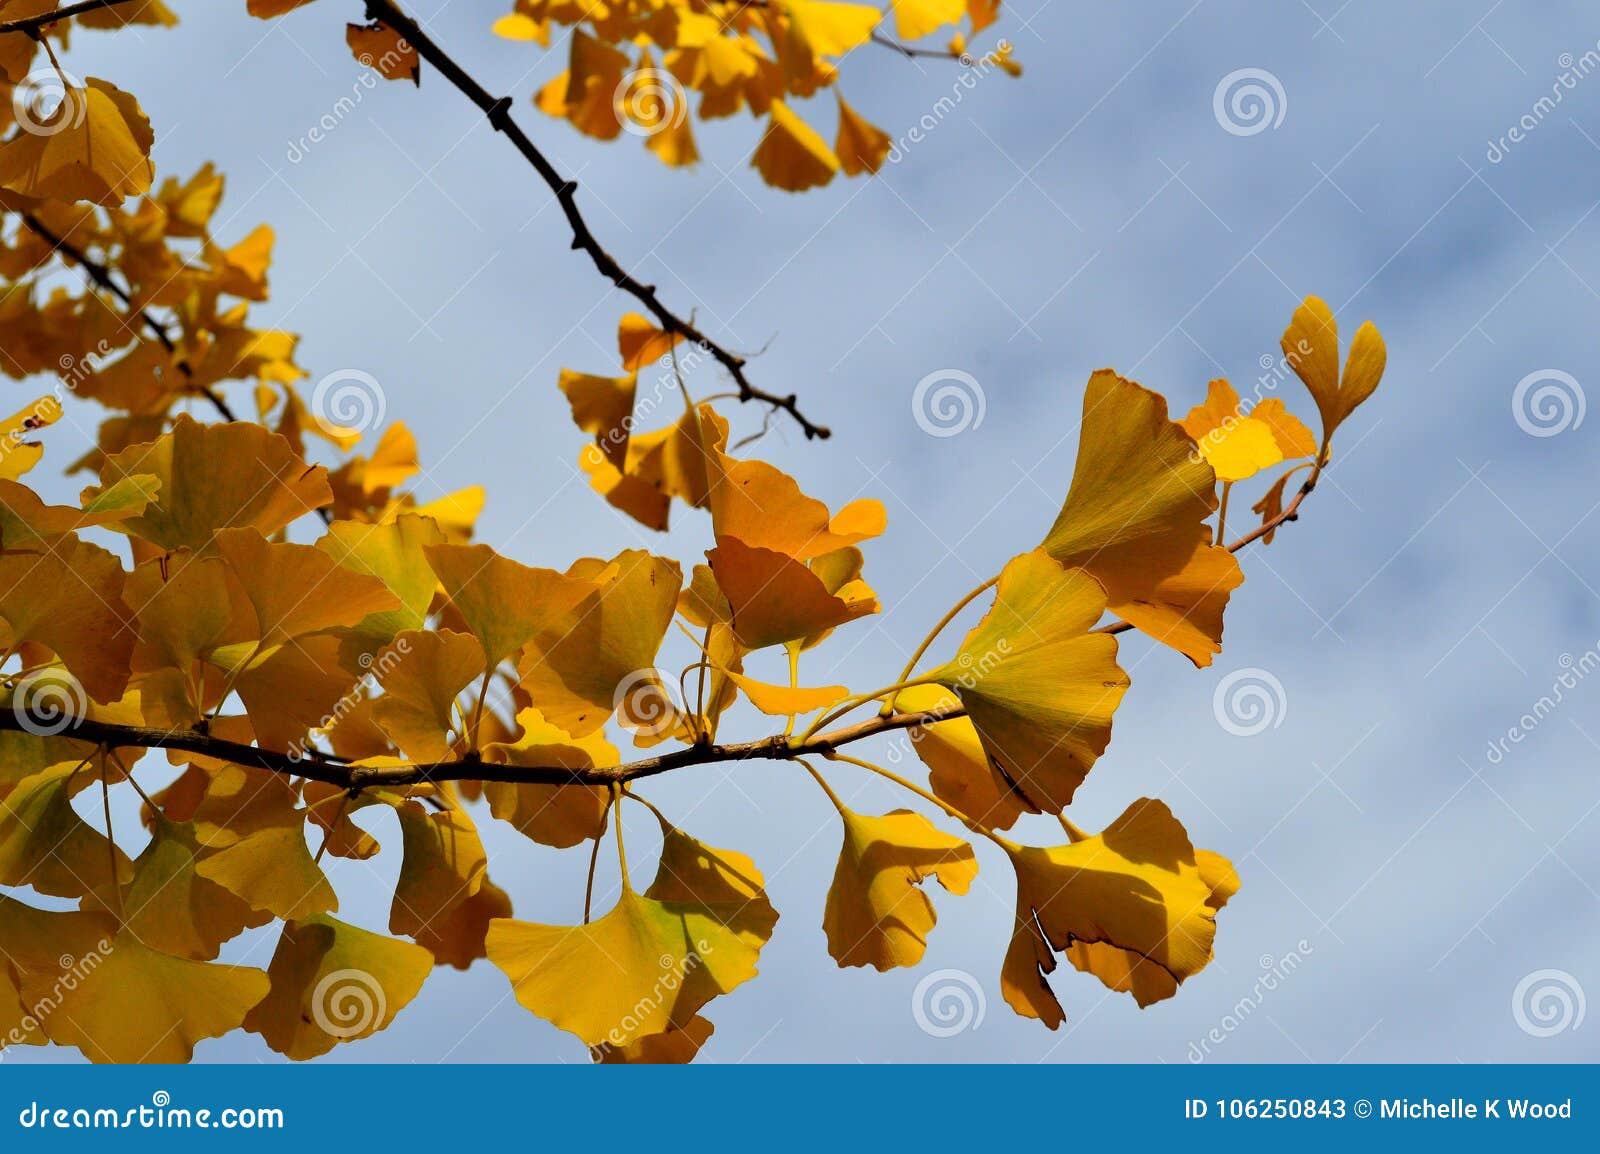 Yellow Leaves Ginko Biloba Maidenhair Tree